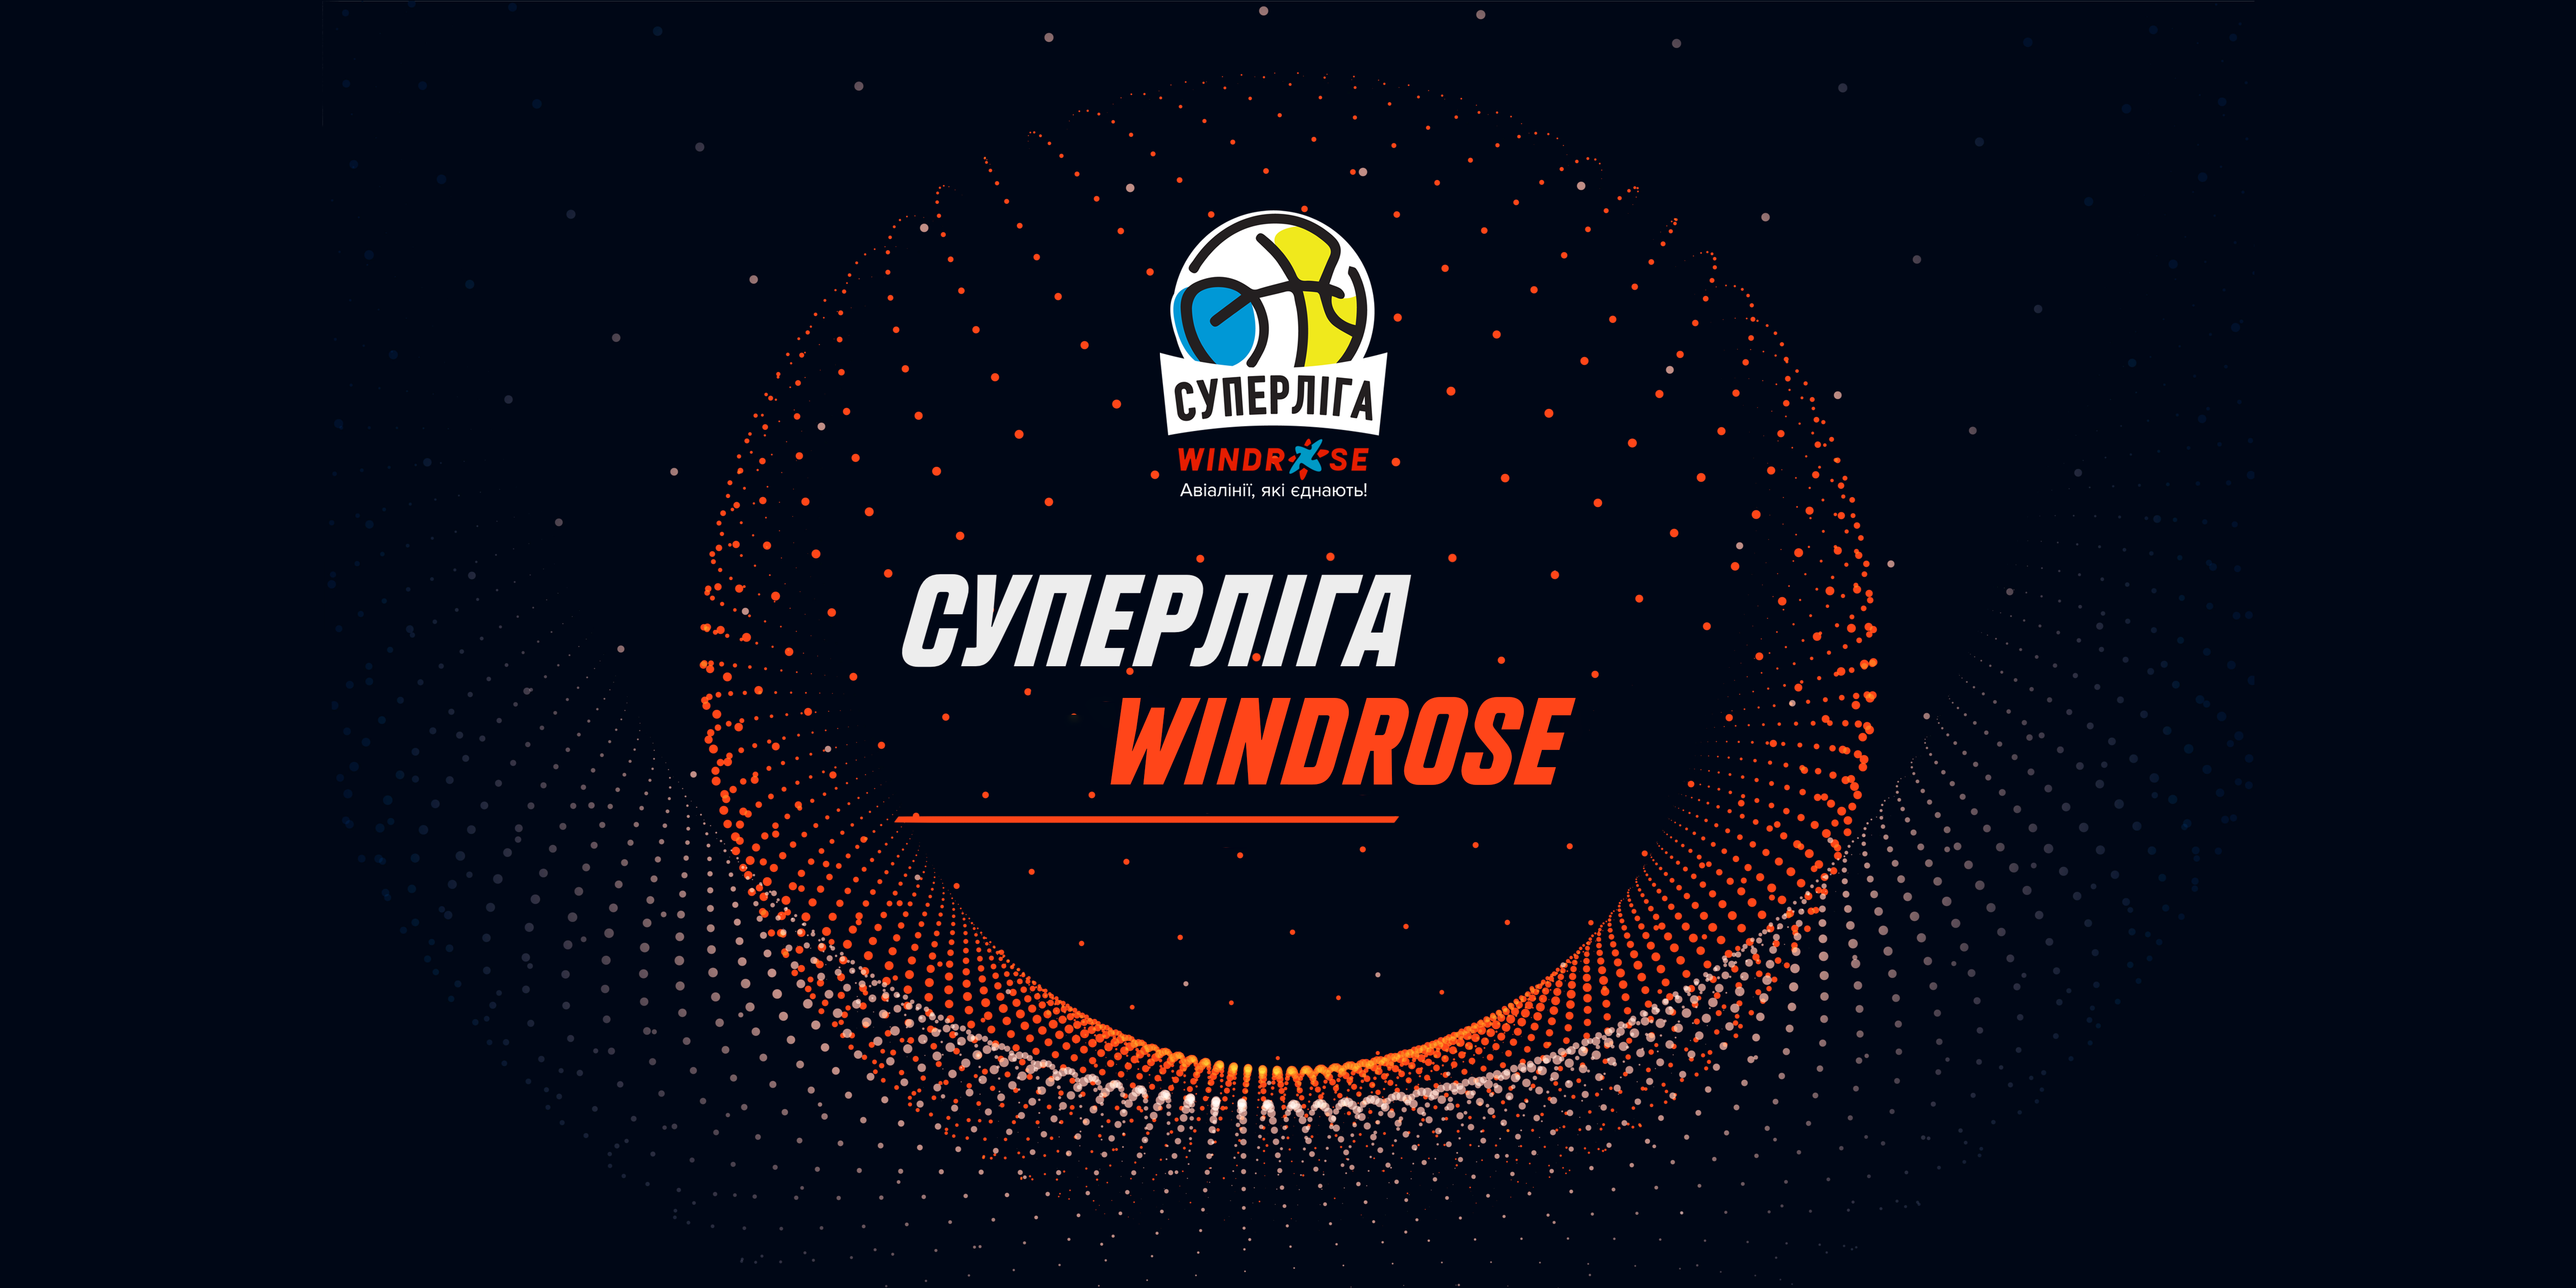 Суперліга Windrose: онлайн відеотрансляція 1 жовтня